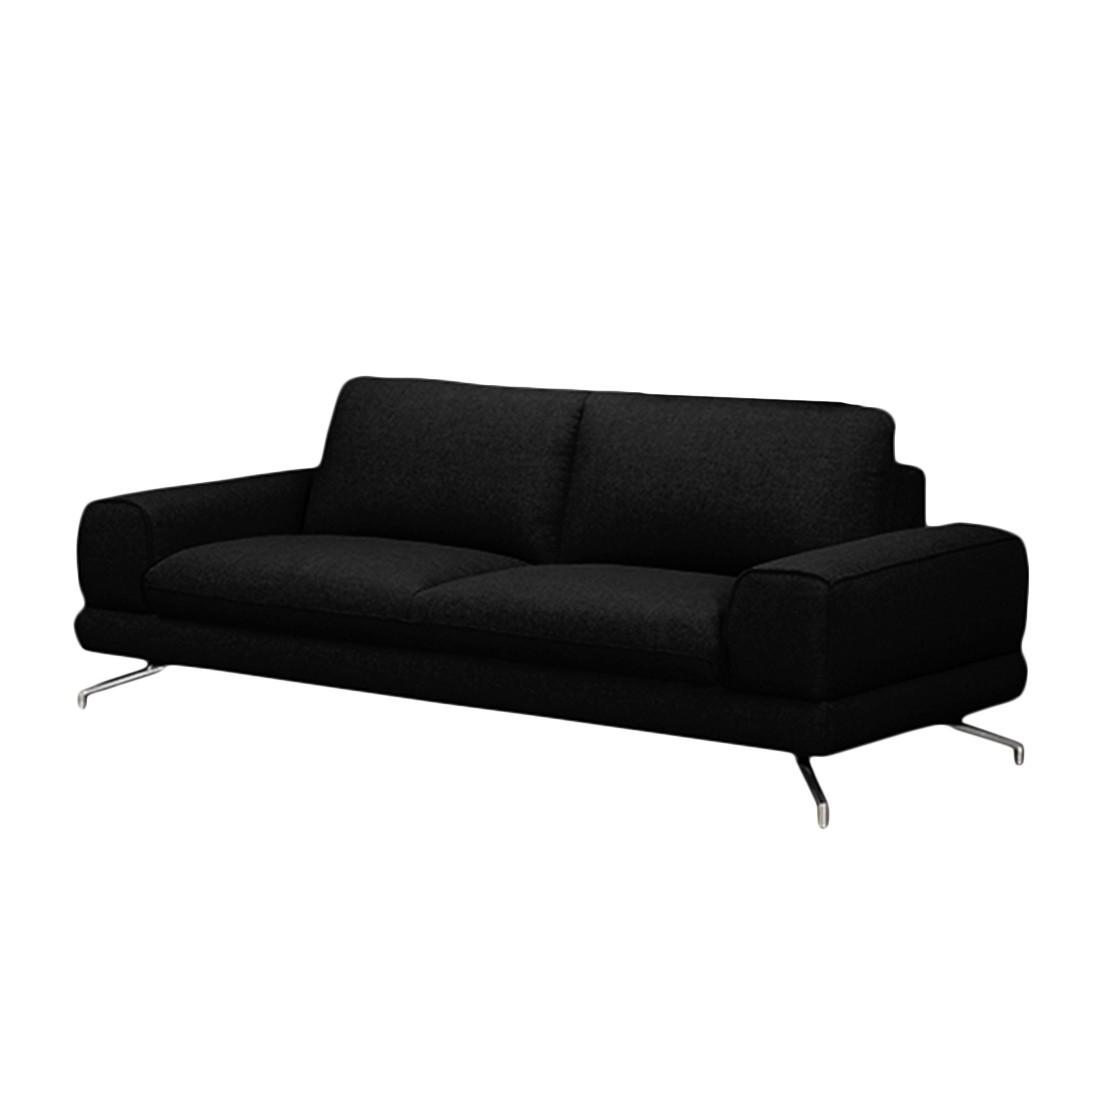 sofa lennard 3 sitzer webstoff schwarz ohne kopfst tze loftscape g nstig. Black Bedroom Furniture Sets. Home Design Ideas